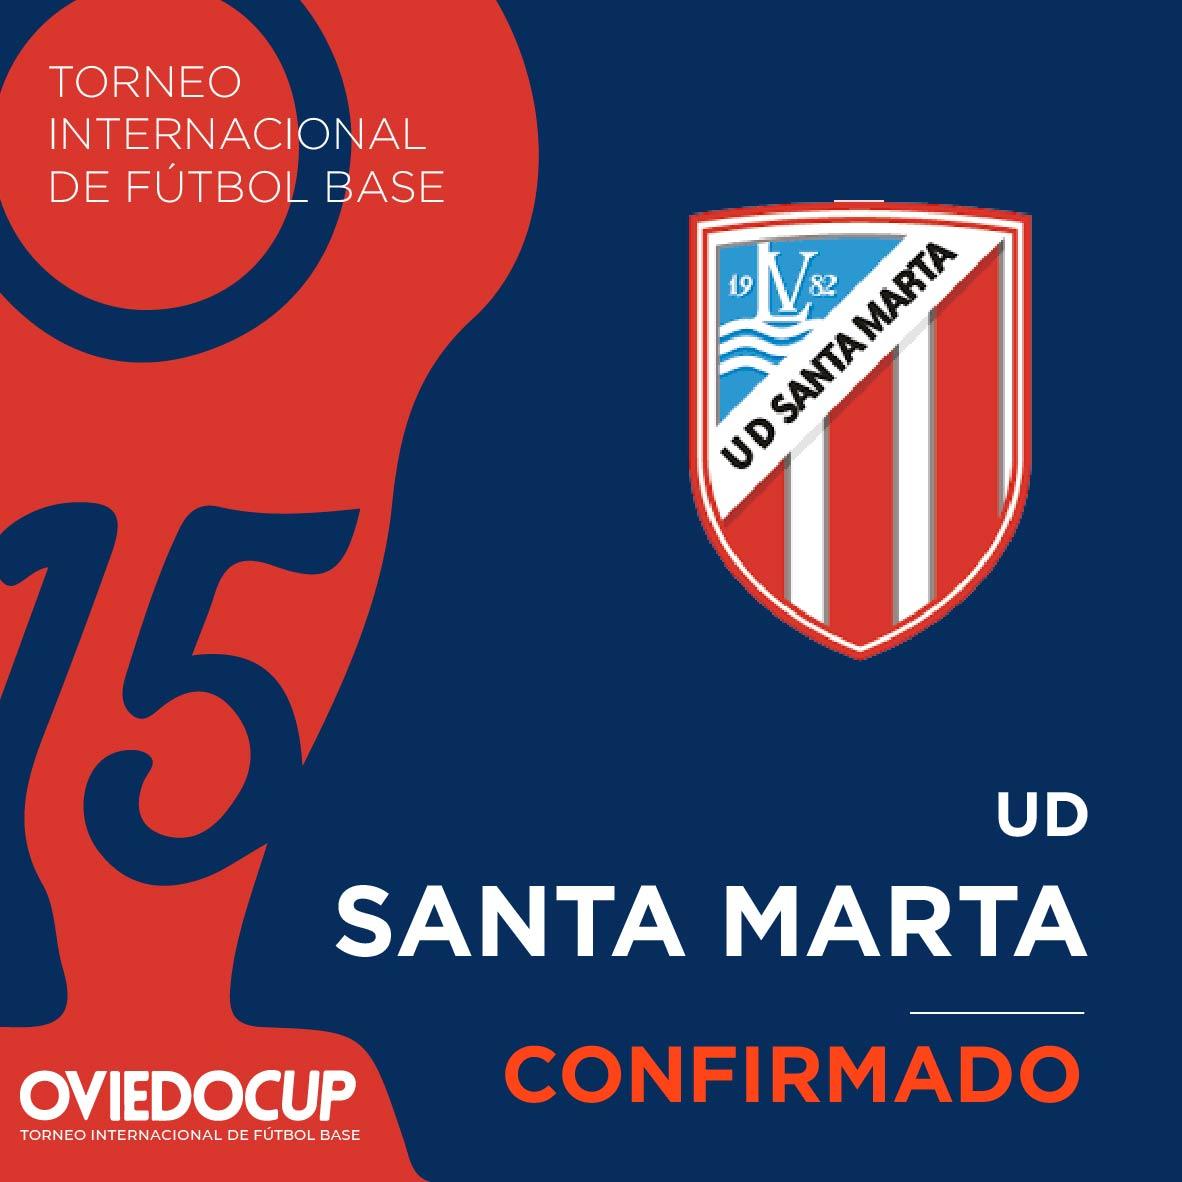   EQUIPO CONFIRMADO  ¡¡De nuevo, el club salmantino estará presente en la #OviedoCup2020!! @UDSantaMarta  #TorneoInternacional #FútboBase #OviedoCup #XVEdición #SemanaSantapic.twitter.com/wKObnXykZU